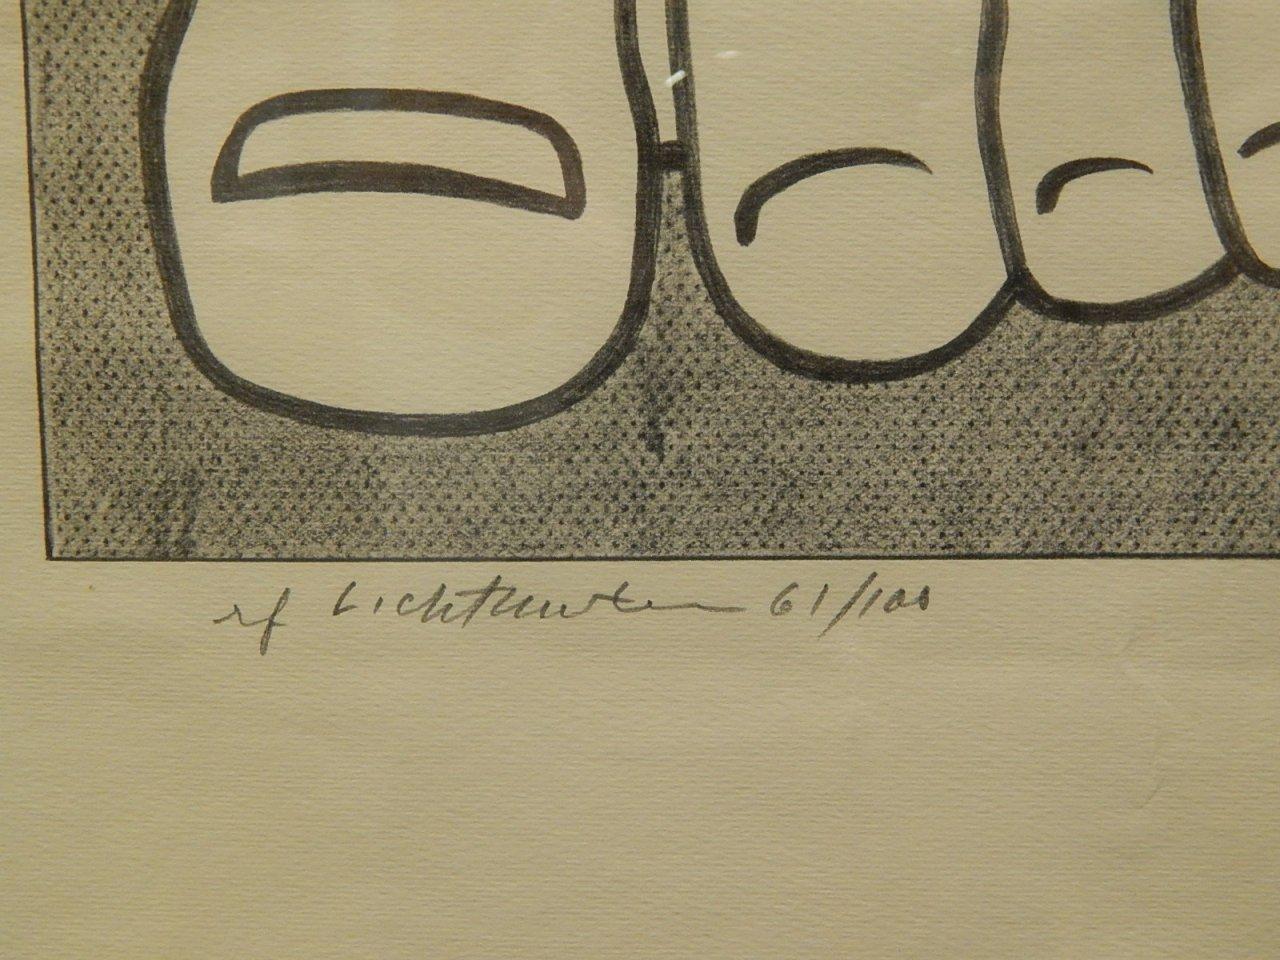 """Roy Lichtenstein """"Foot Medication"""" 61/100 1963"""